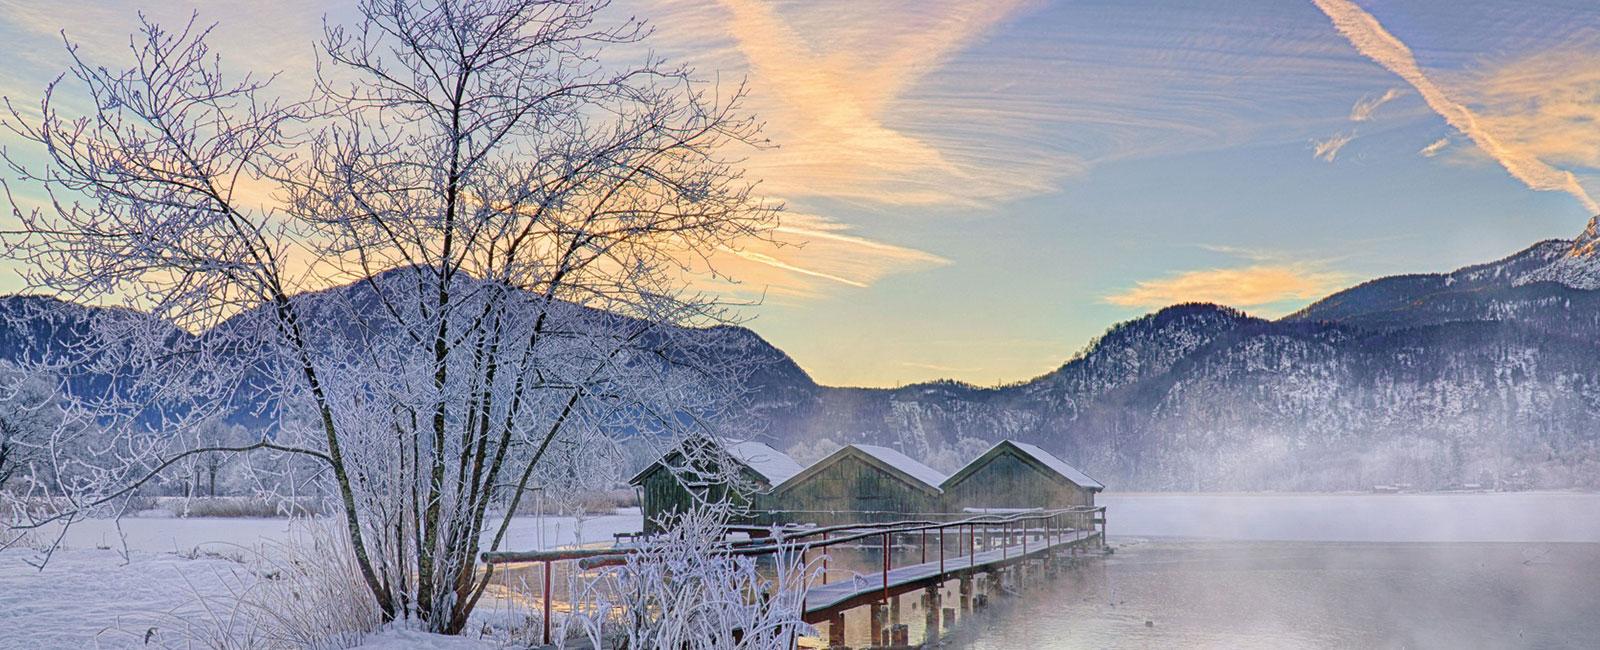 Winterlicher See in Oberbayern